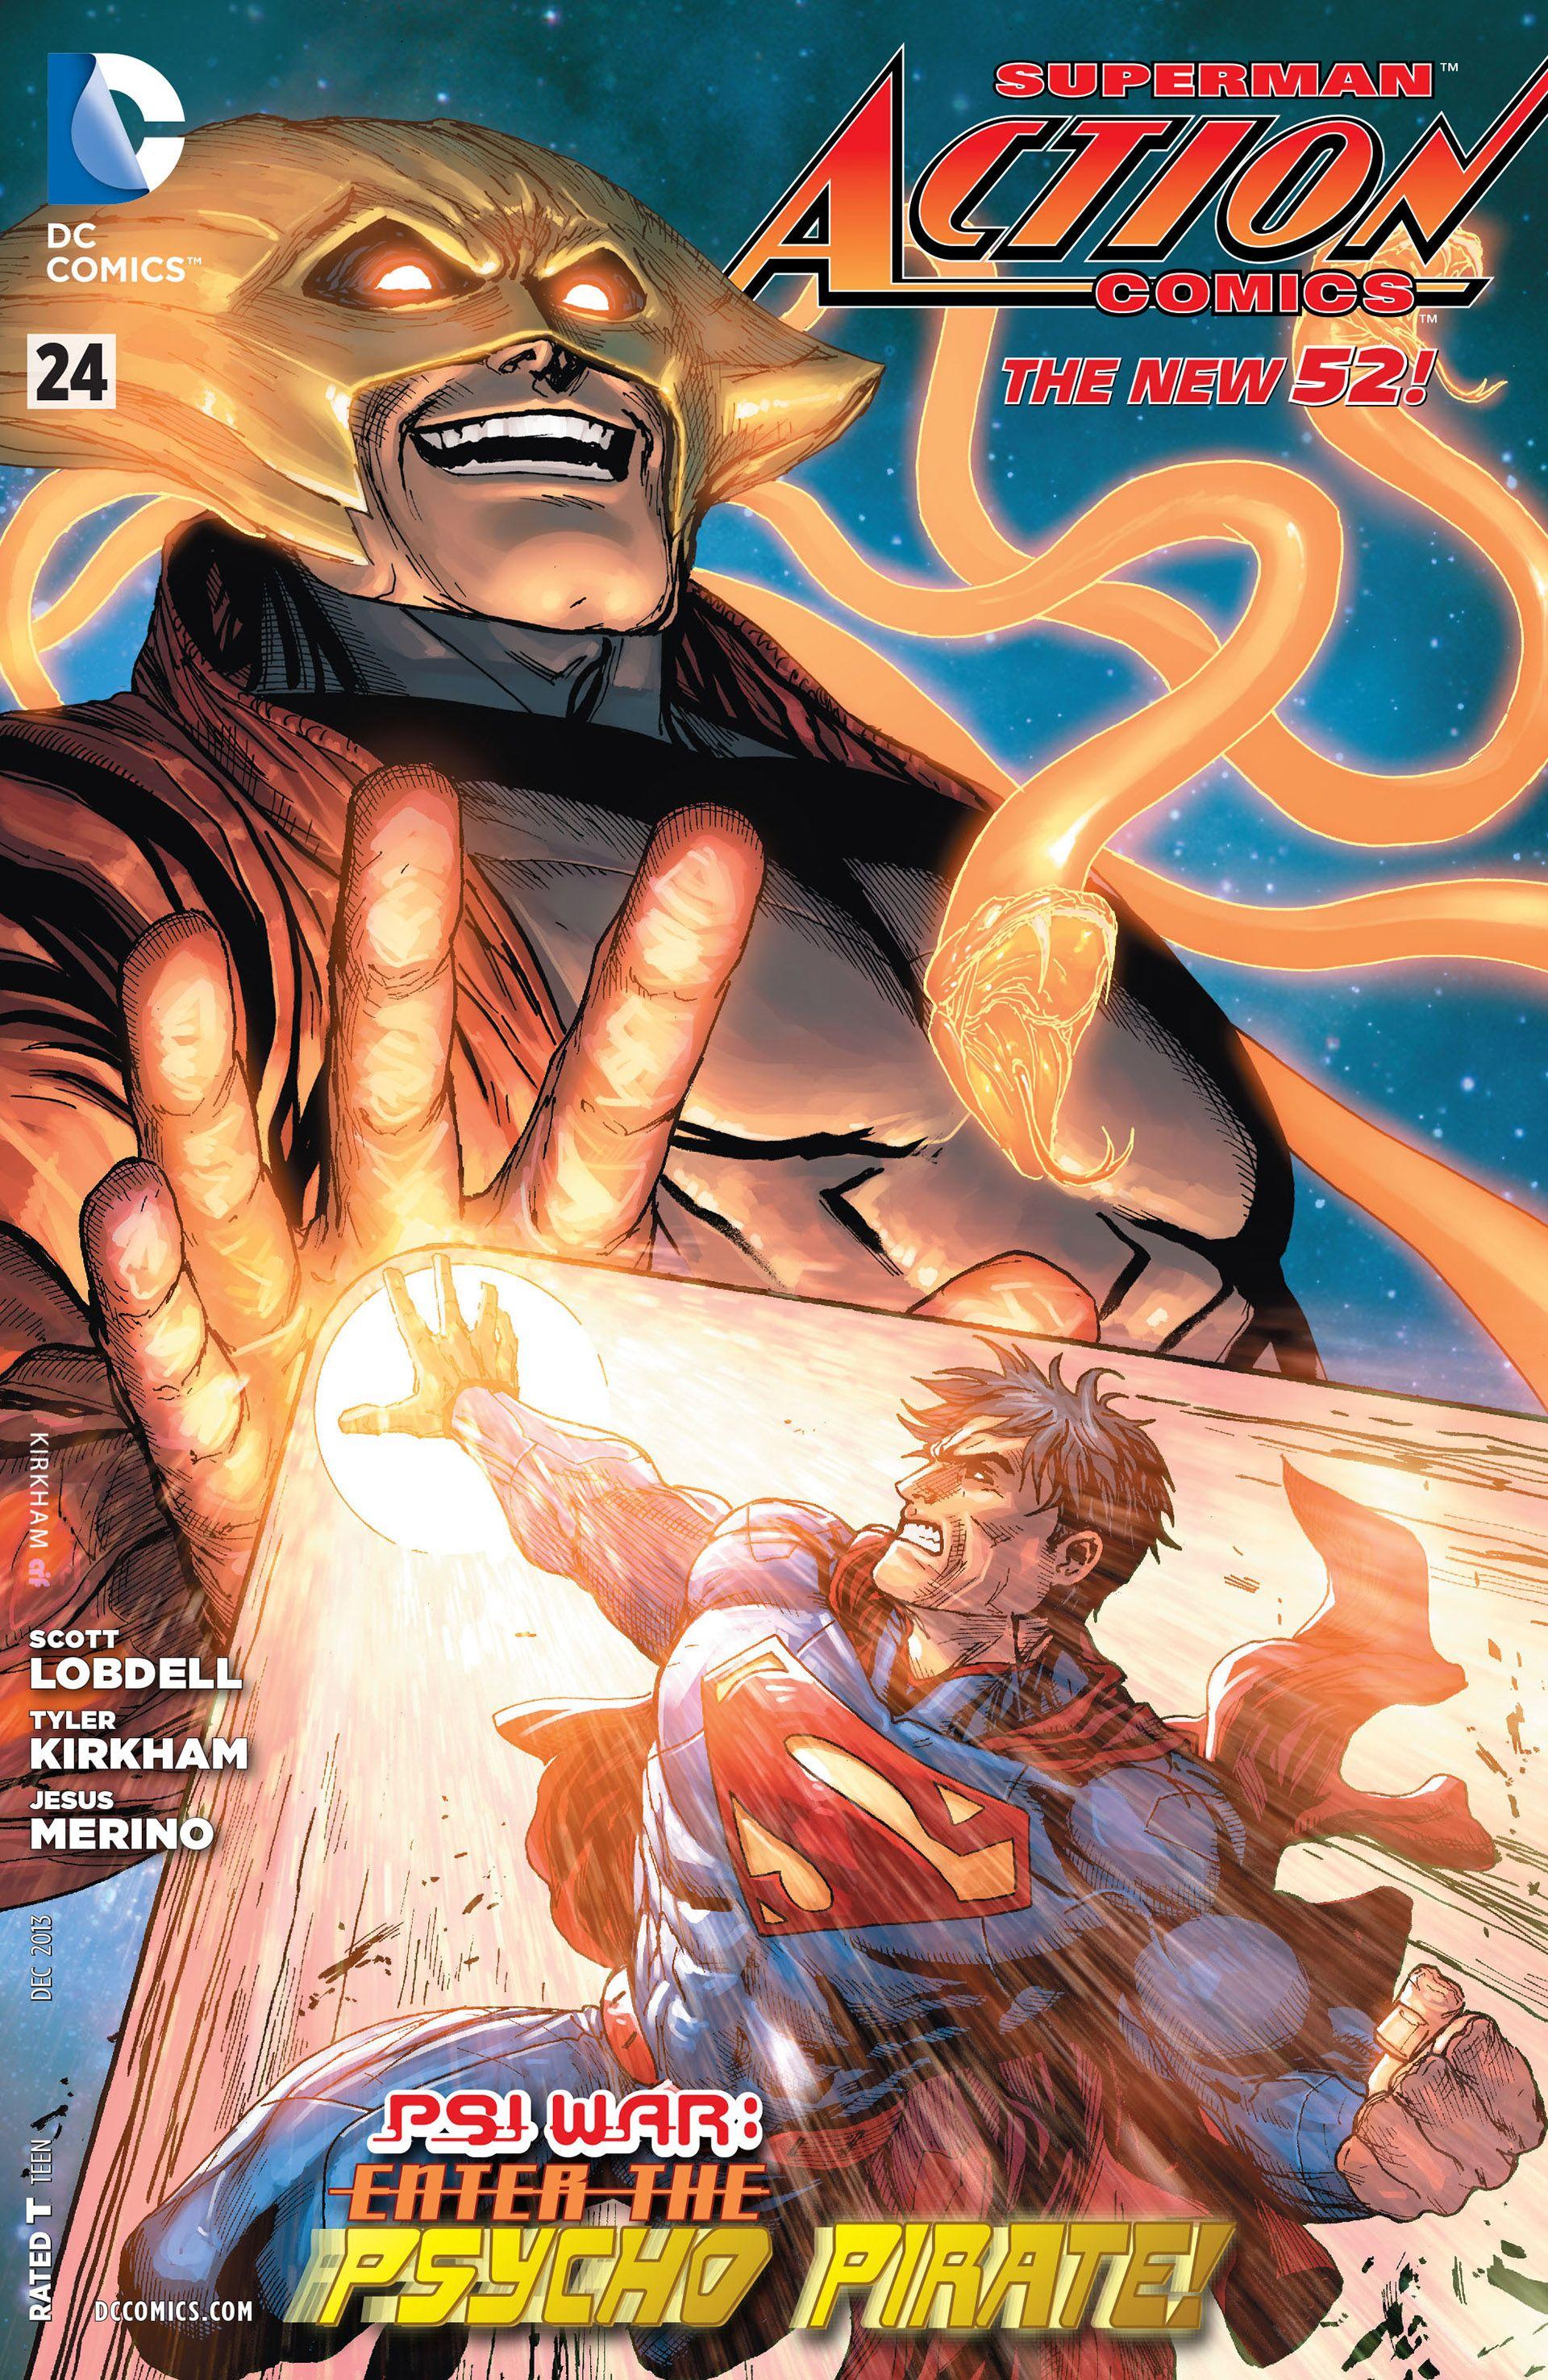 Action Comics 24 Superman Action Comics Comics Dc Comics